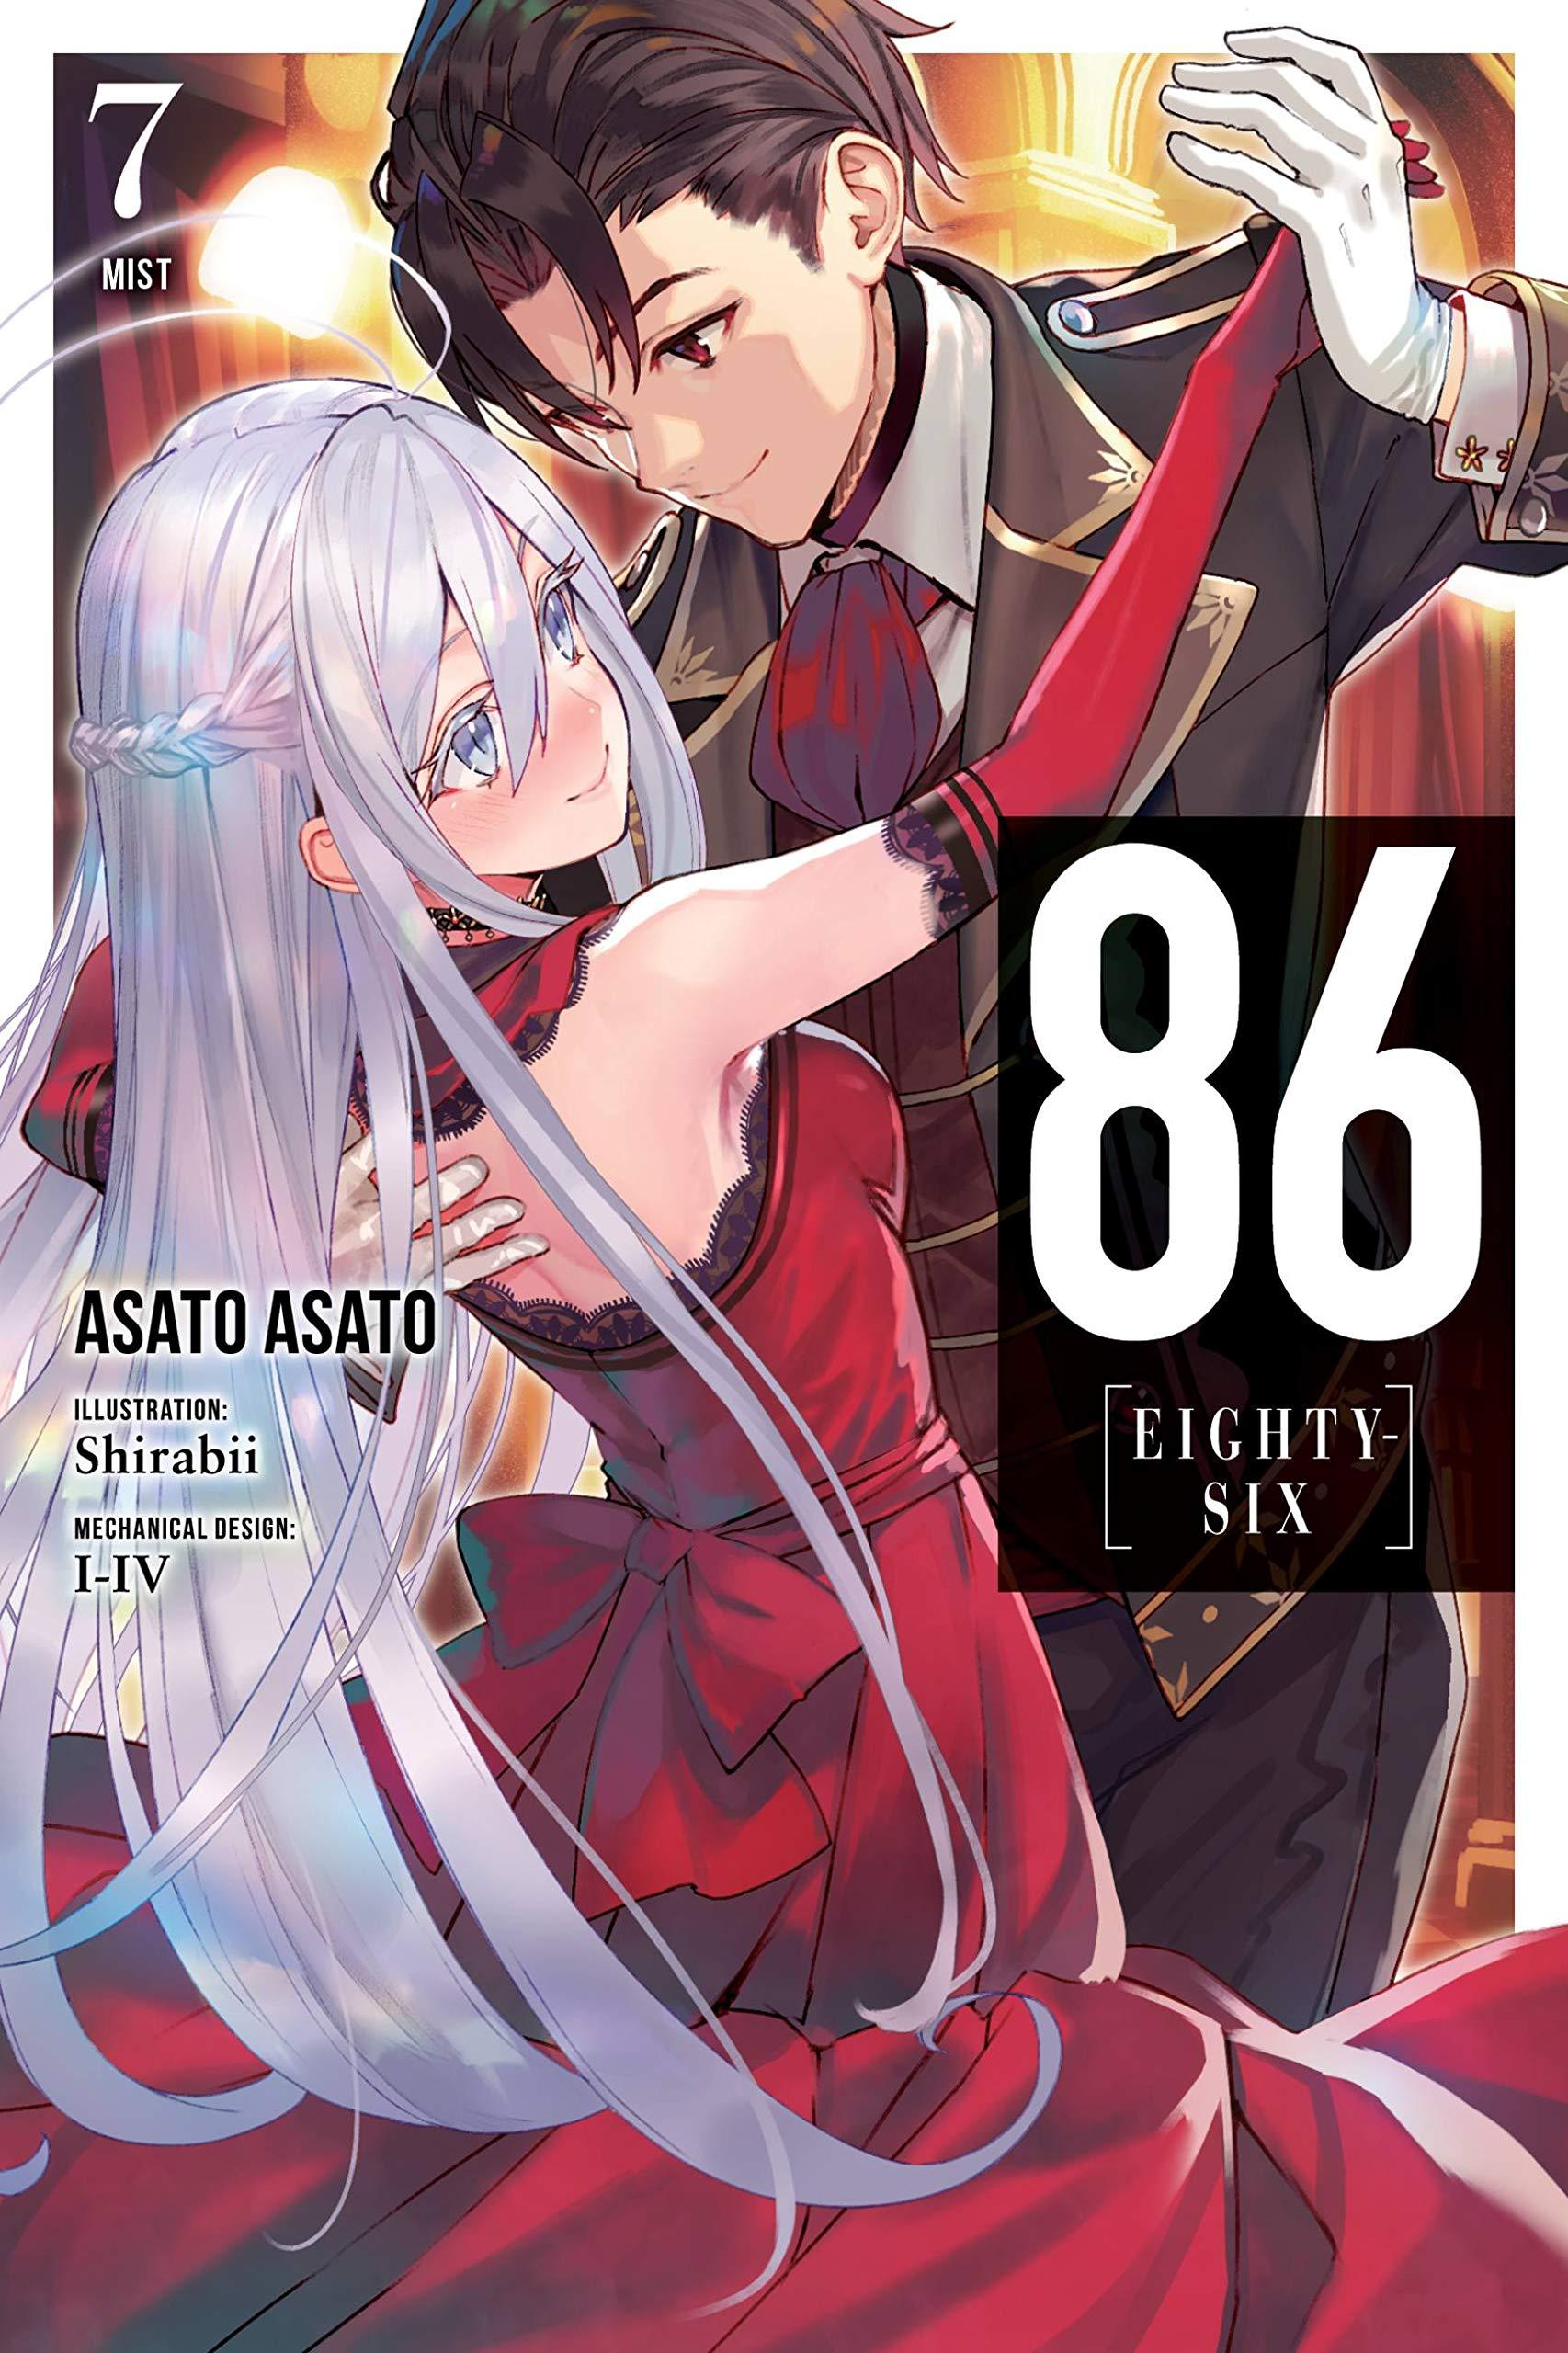 86 Eighty Six Vol 7 Light Novel Mist 86 Eighty Six Light Novel Amazon Co Uk Asato Asato Shirabii Books